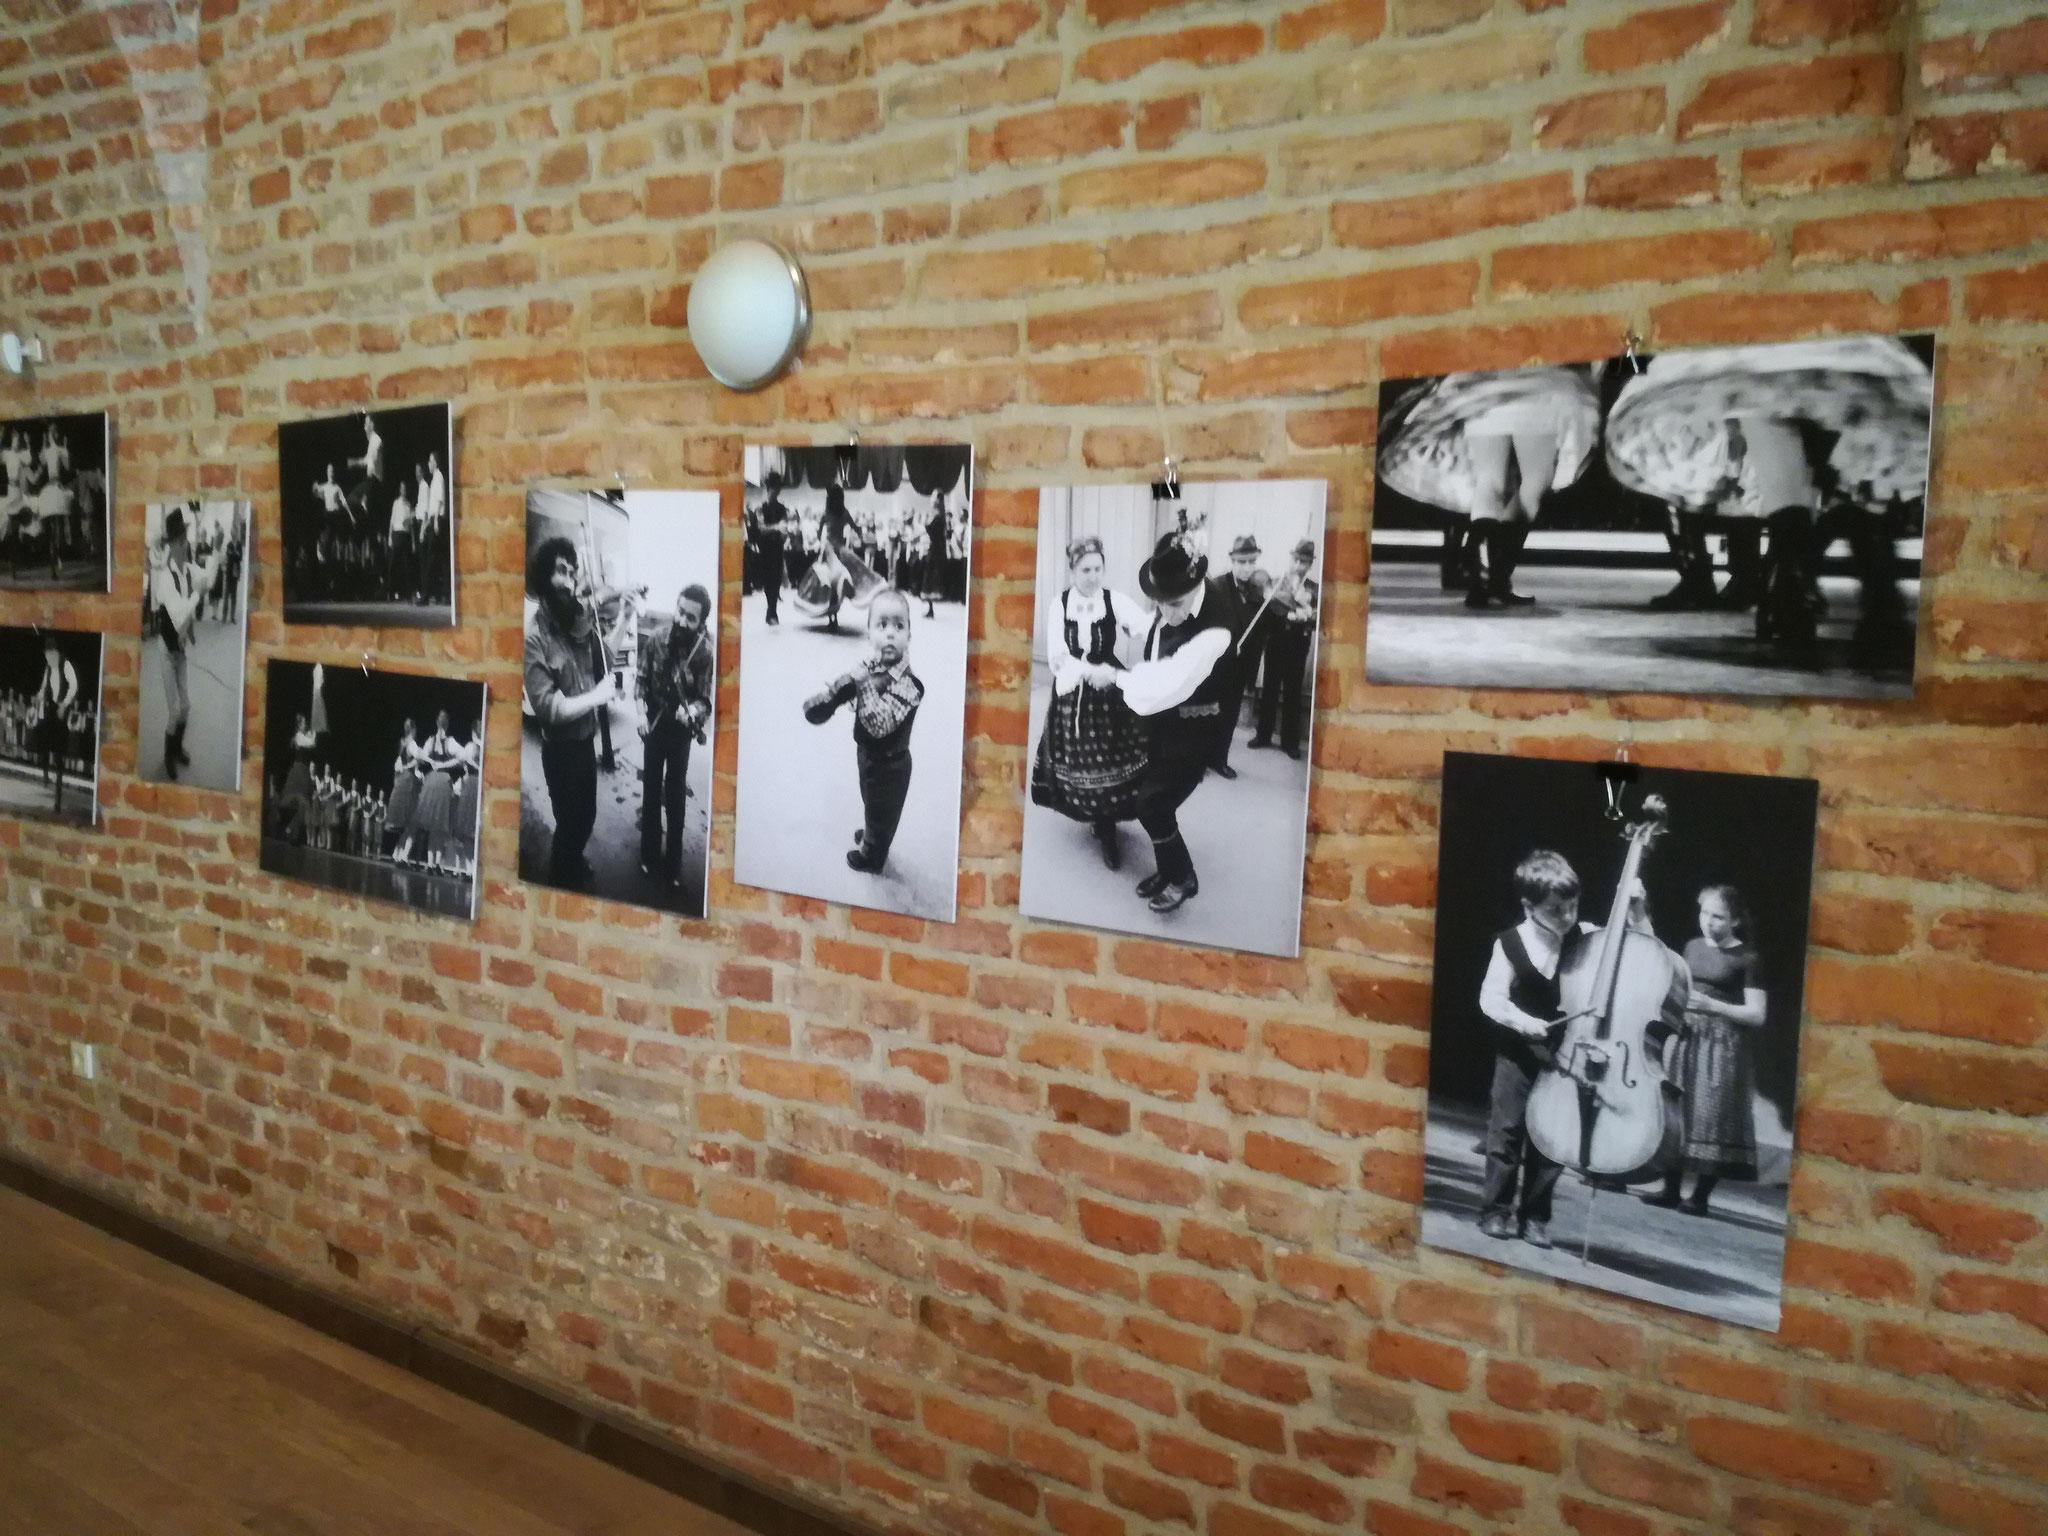 Süli István AFIAP Debrecen-i fotóművész egyéni kiállítása